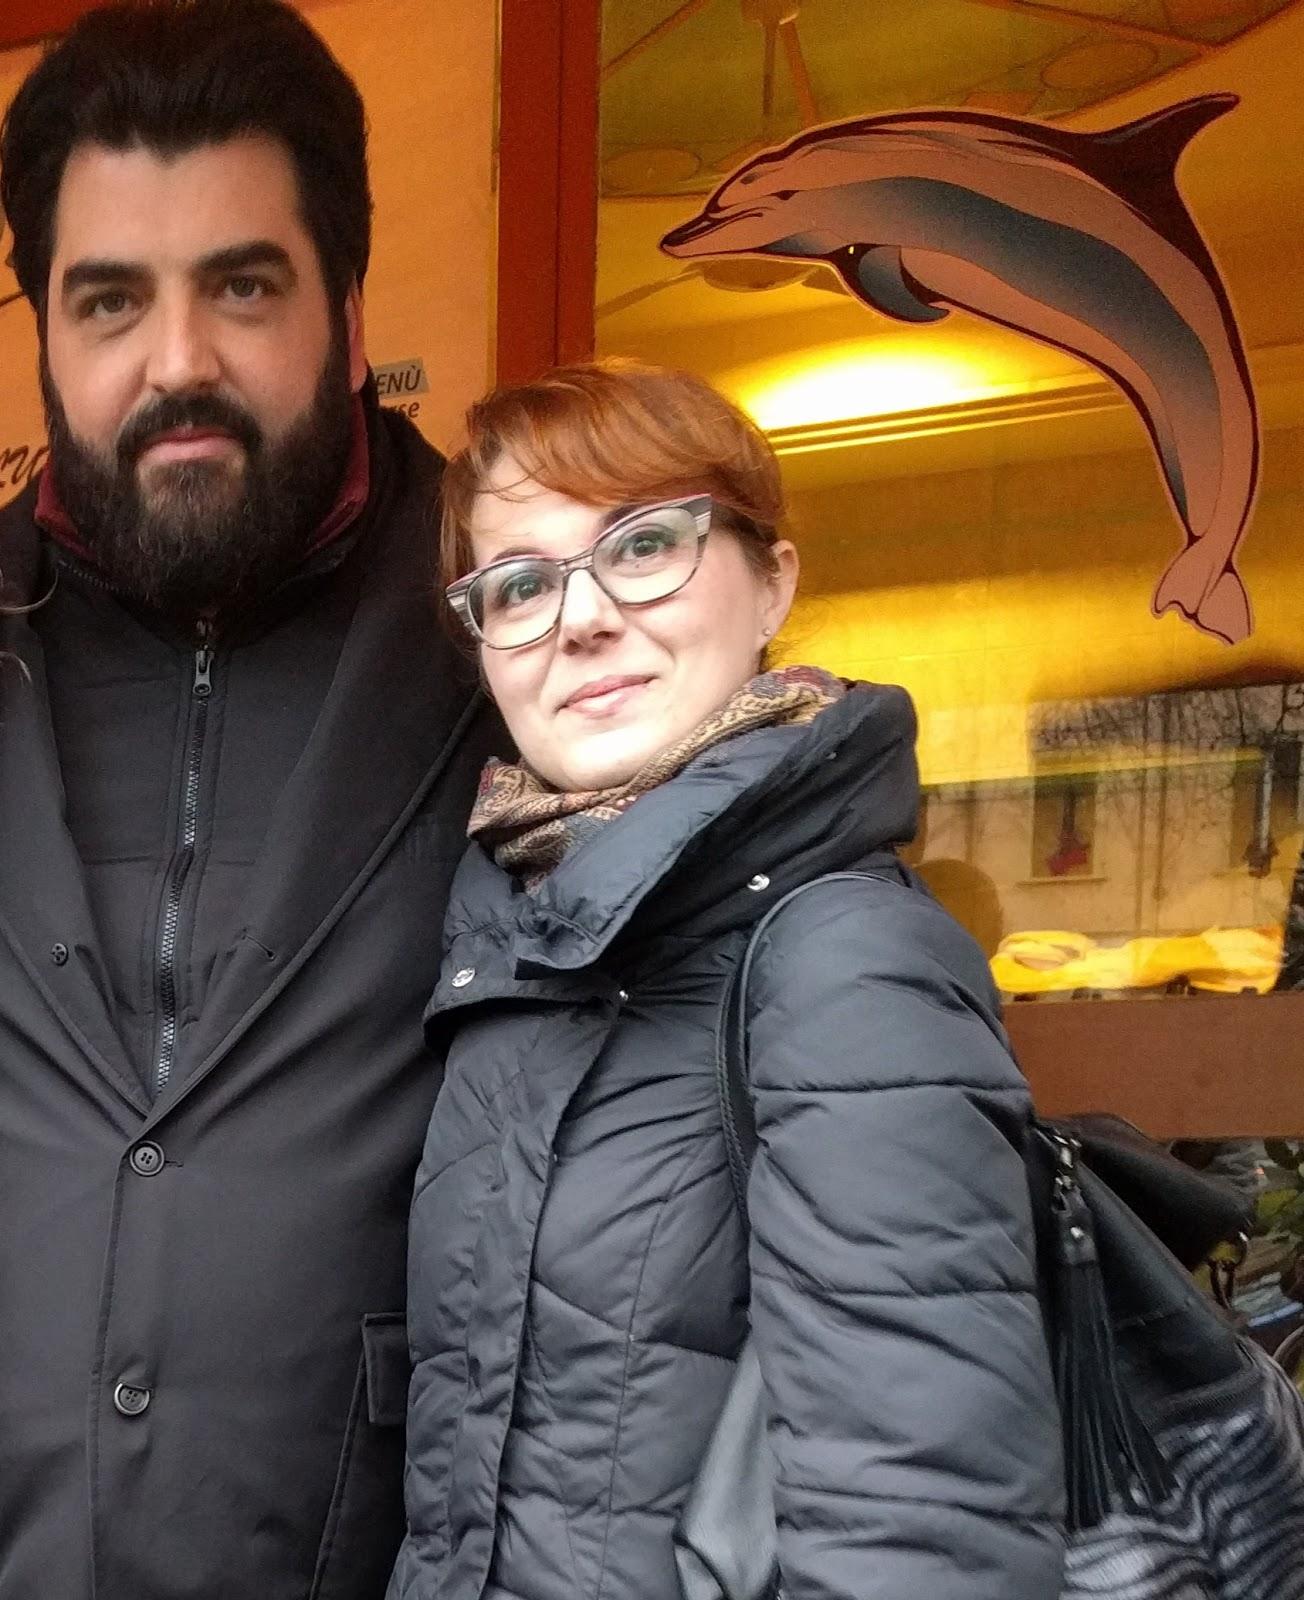 Cucine da incubo 5 stagione la nuova certosina cucino in casa - Cucine da incubo stagione 5 ...